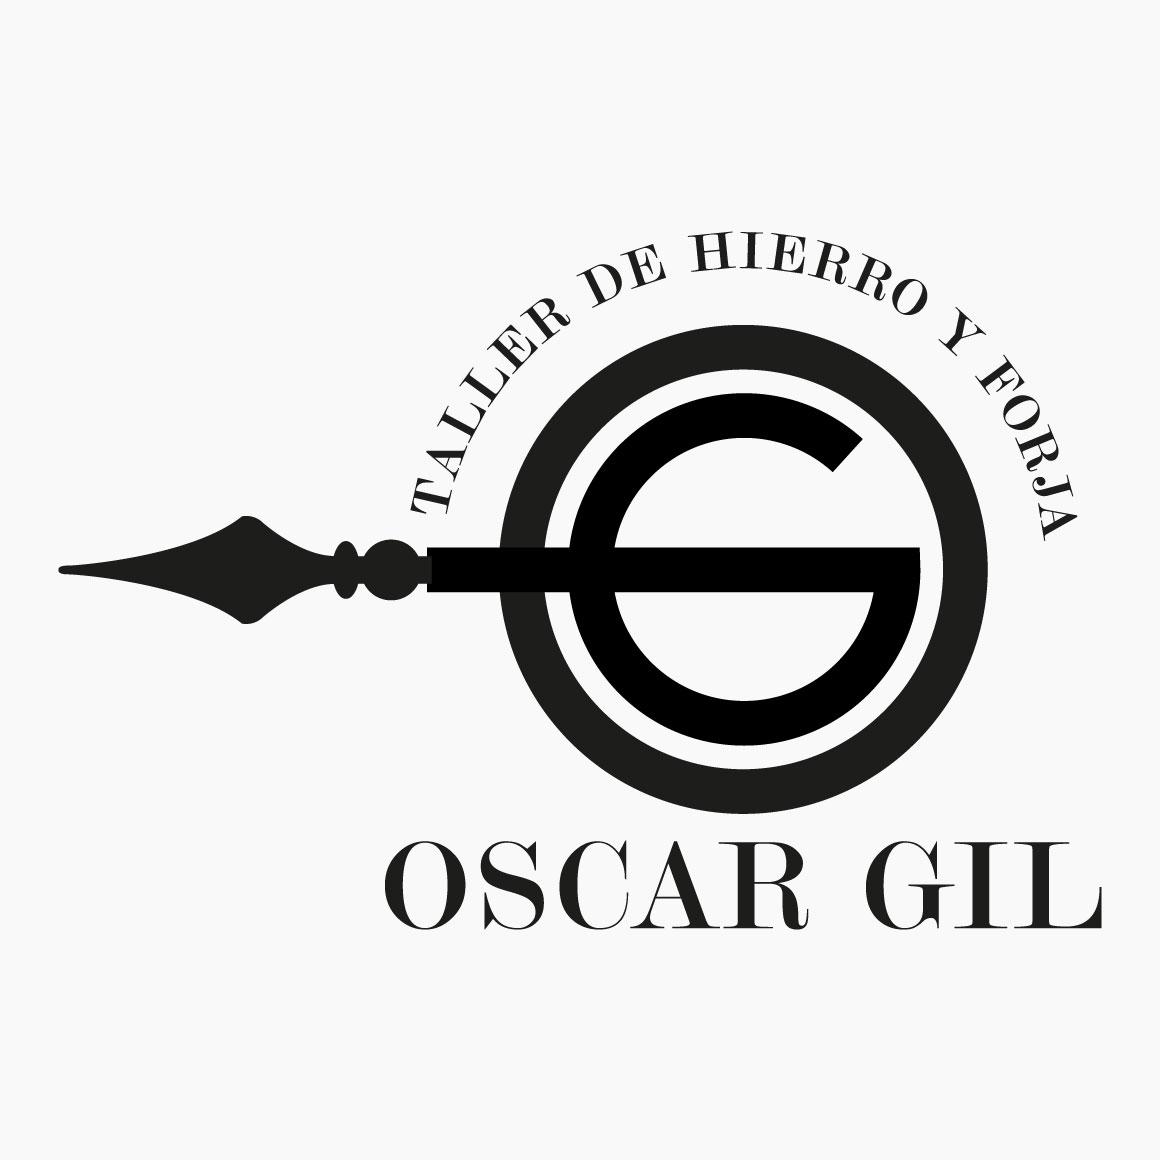 9a.-Imagen-destacada-Oscar-Gil